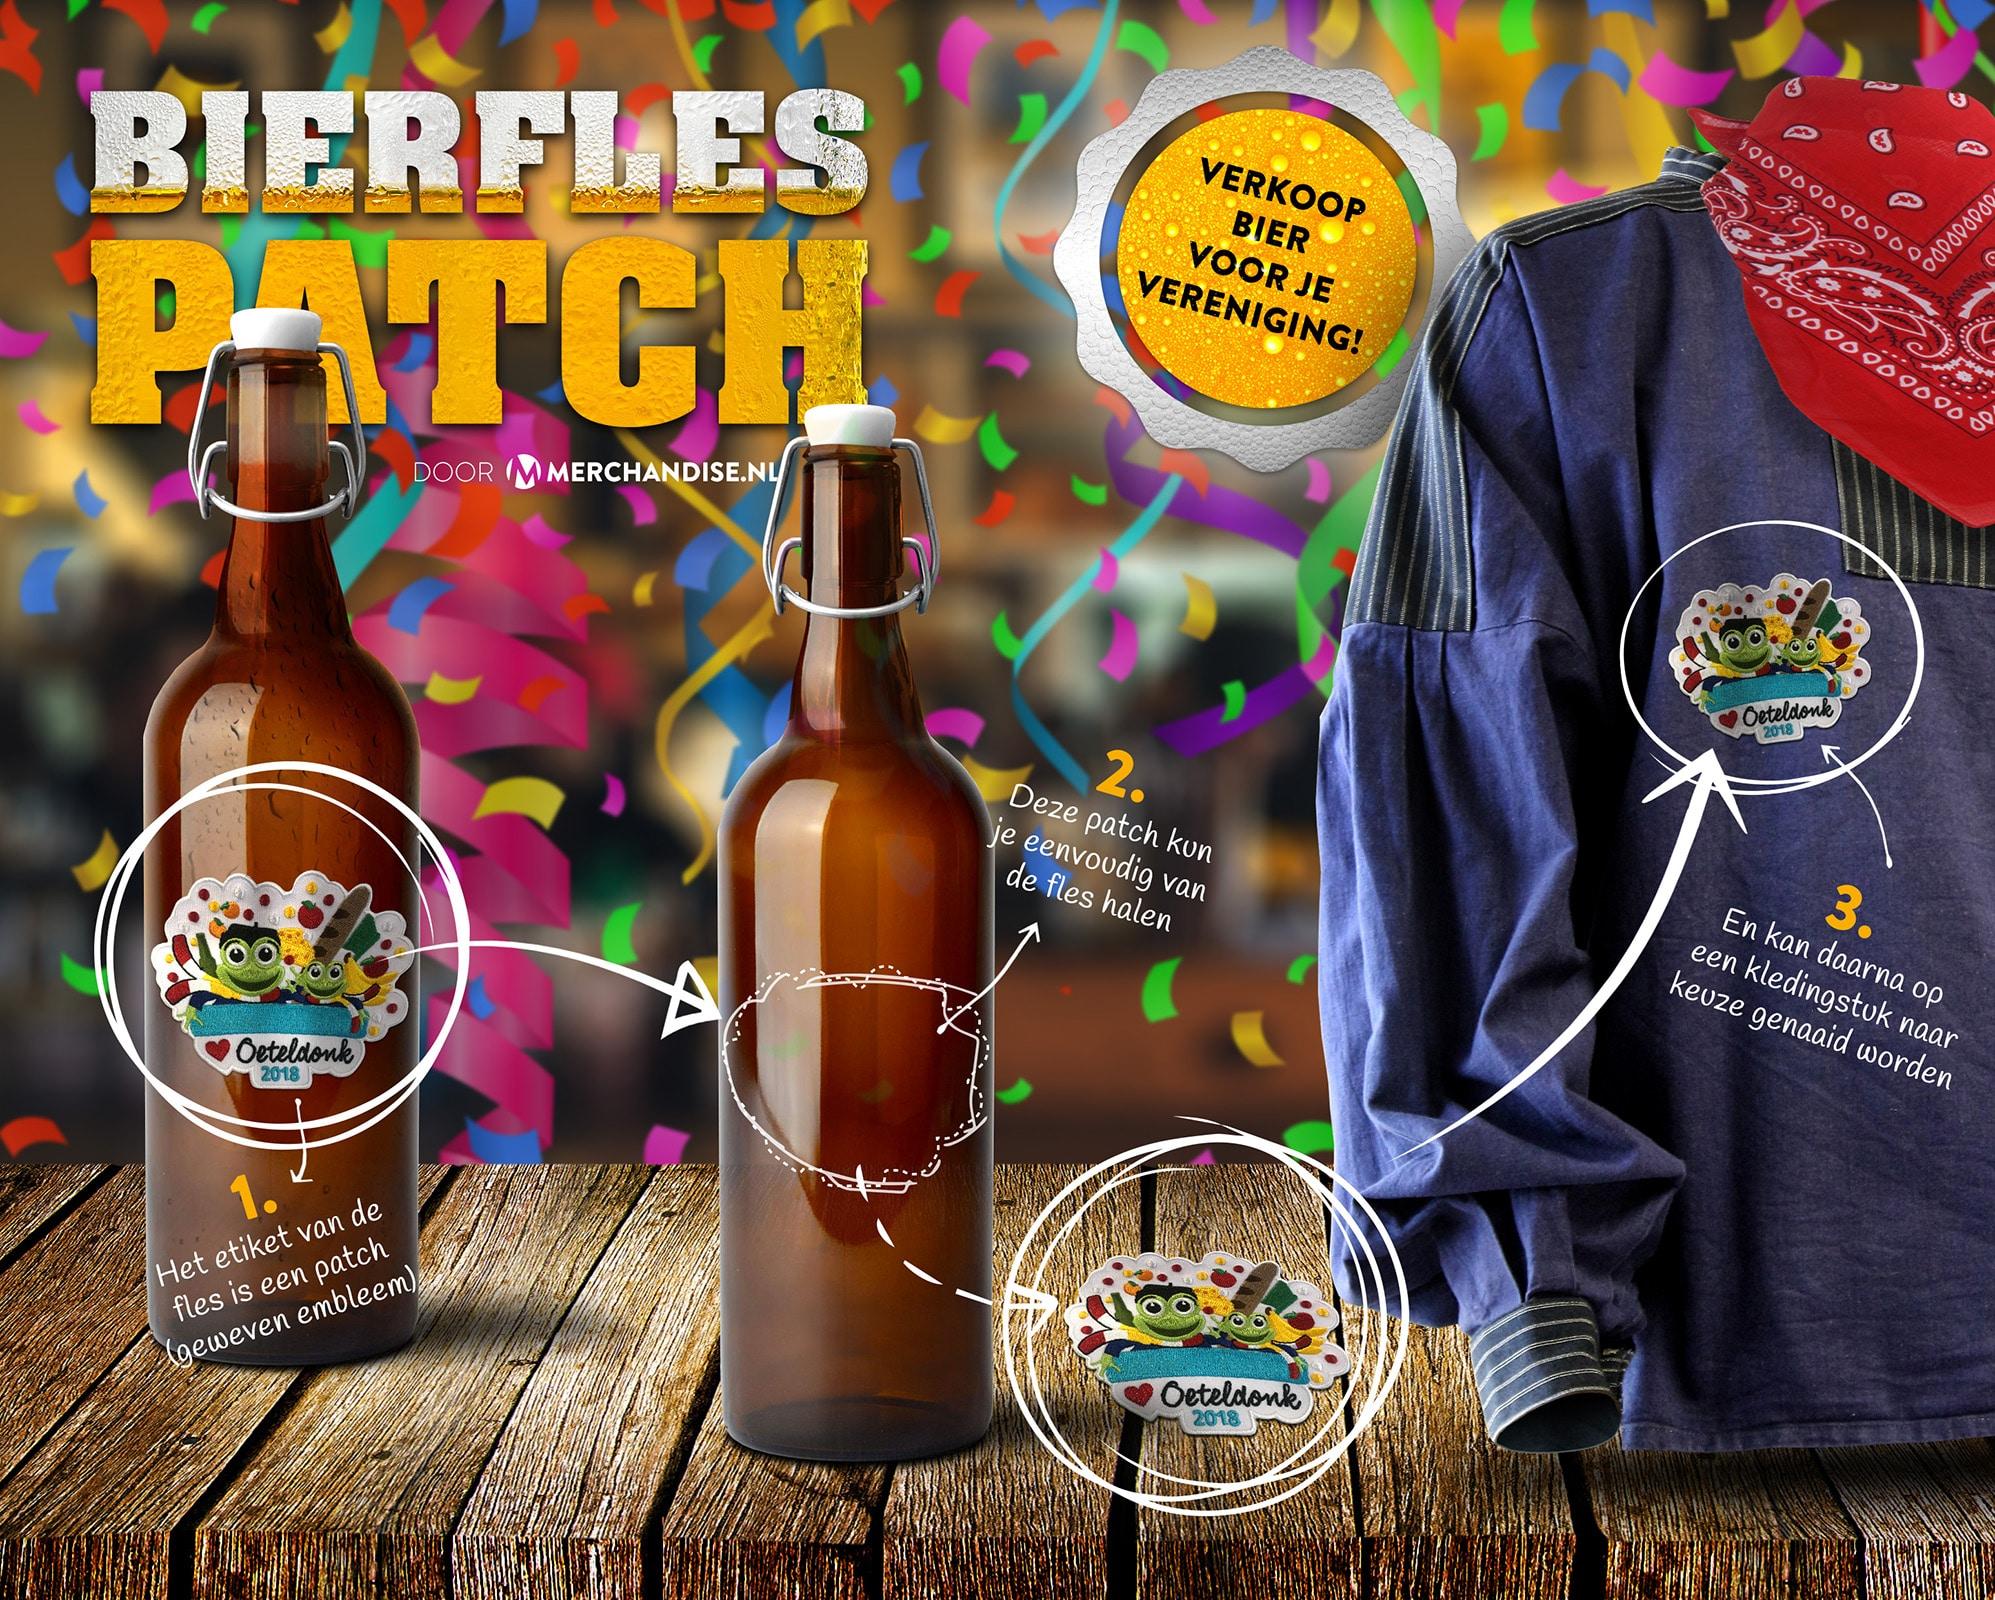 De bierfles-patch